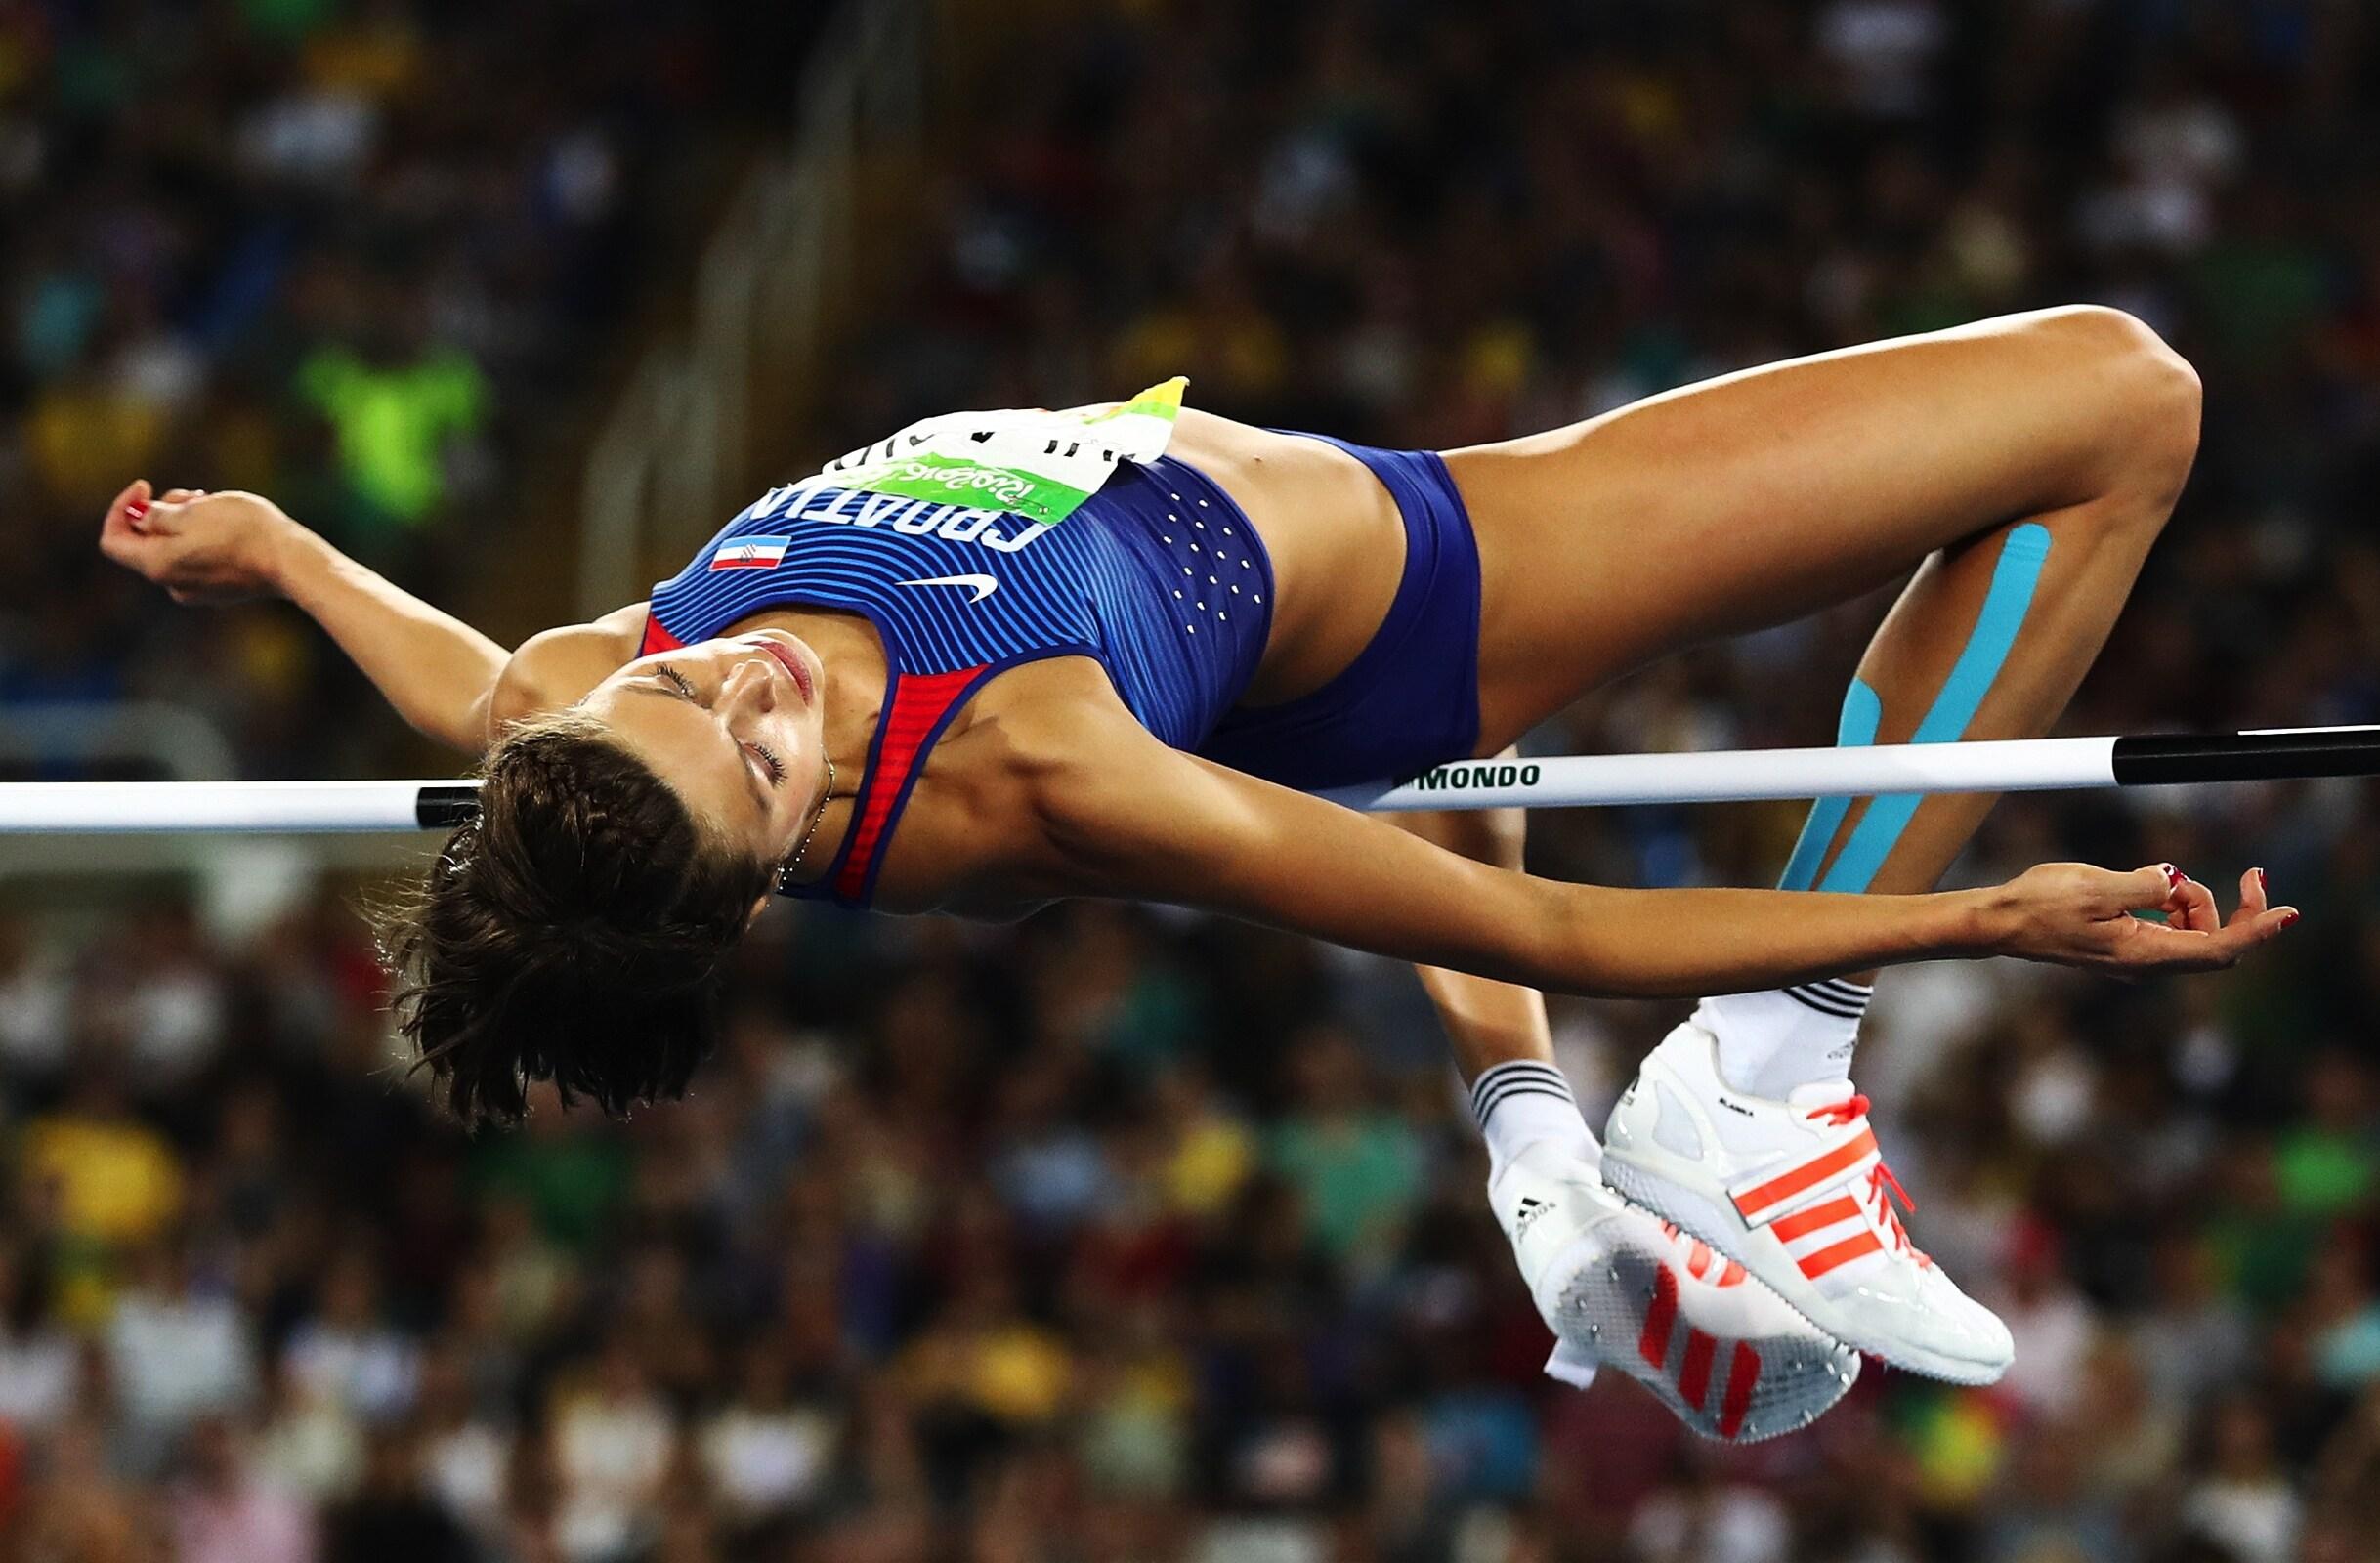 Athlétisme - Saut en hauteur femmes